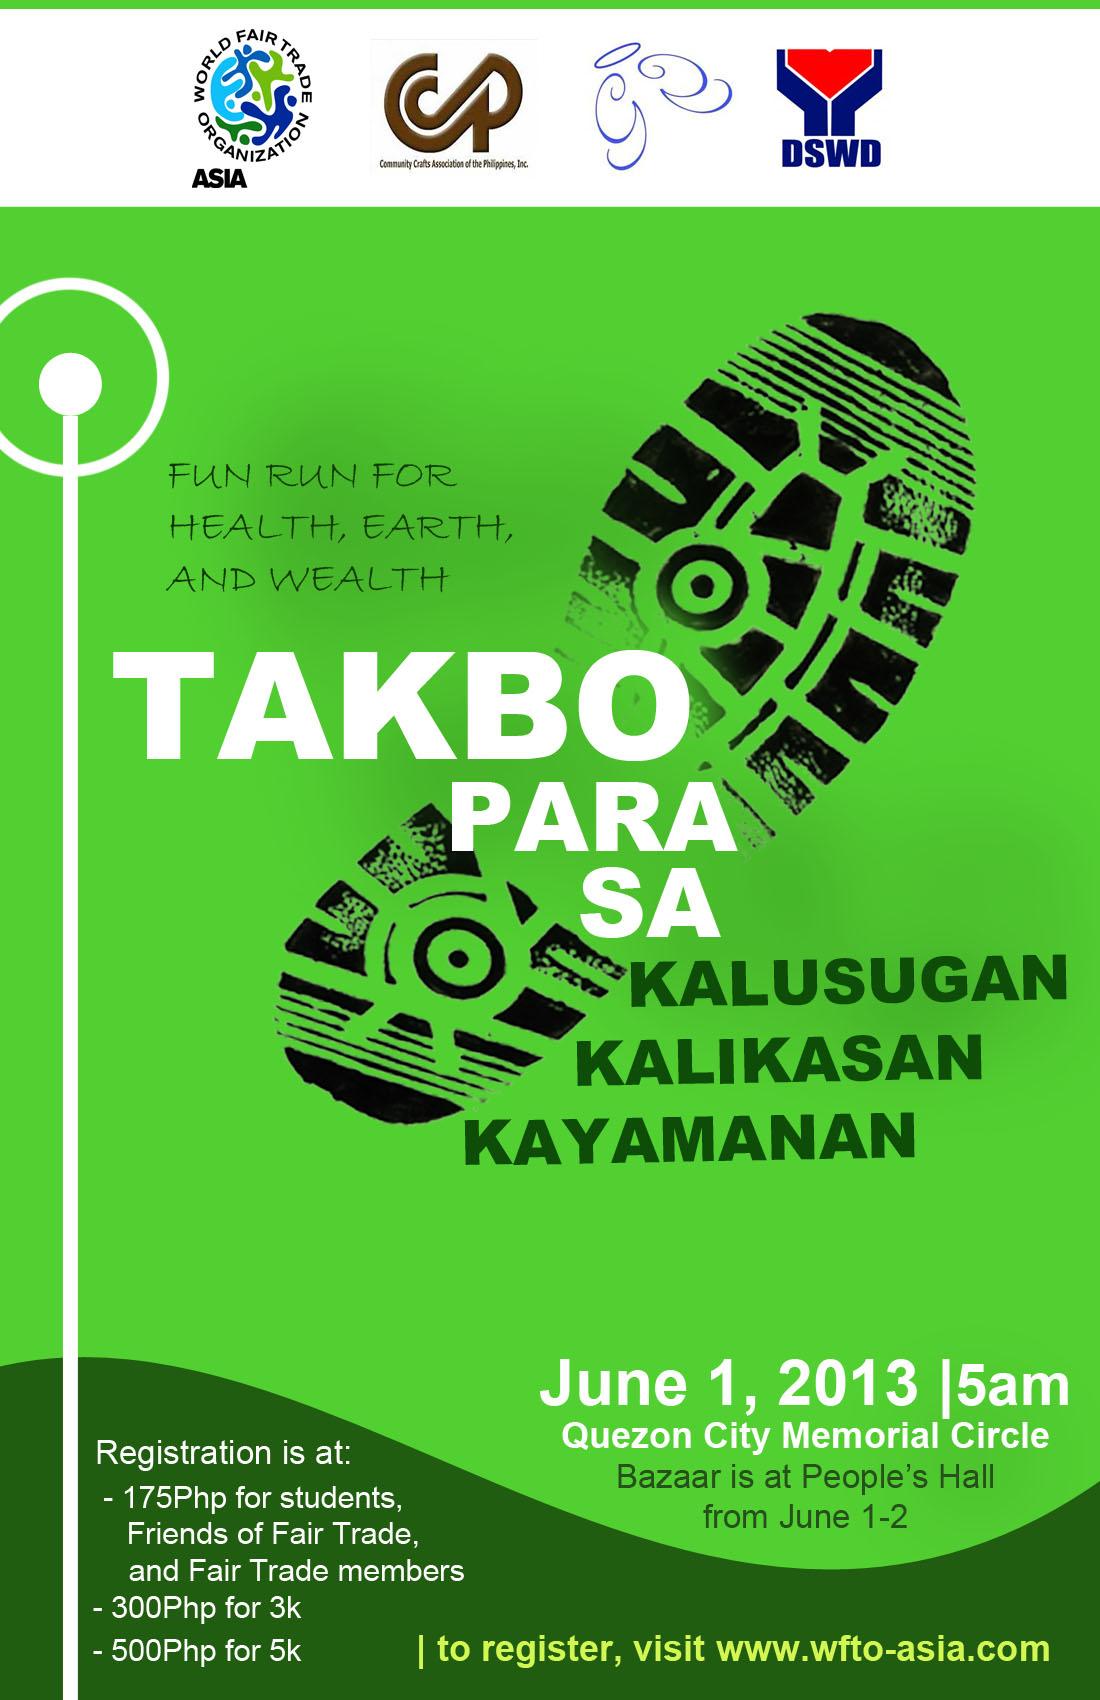 takbo-para-sa-kalusugan-kalikasan-kayamanan-2013-poster